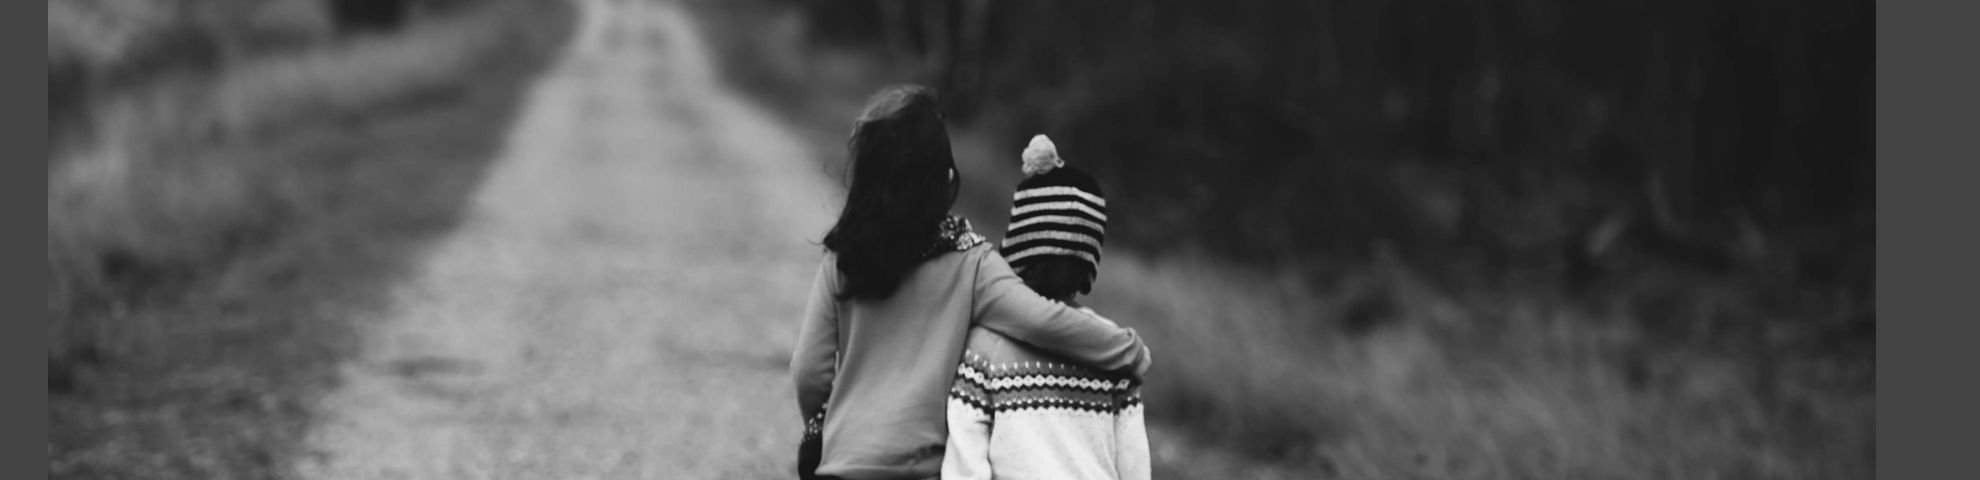 Oneweb-article-hero-siblings